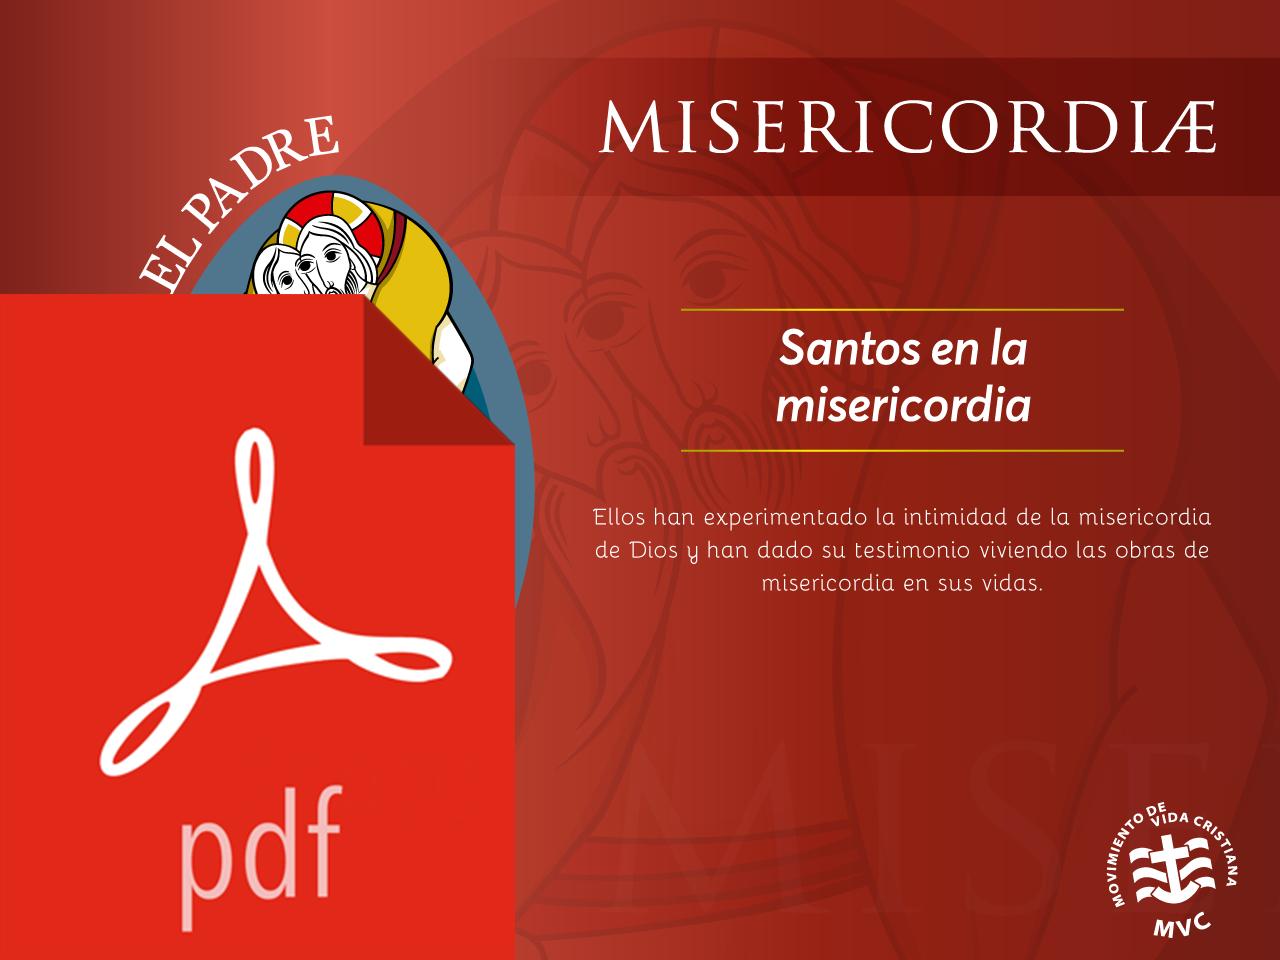 Misericordiae-6 PDF